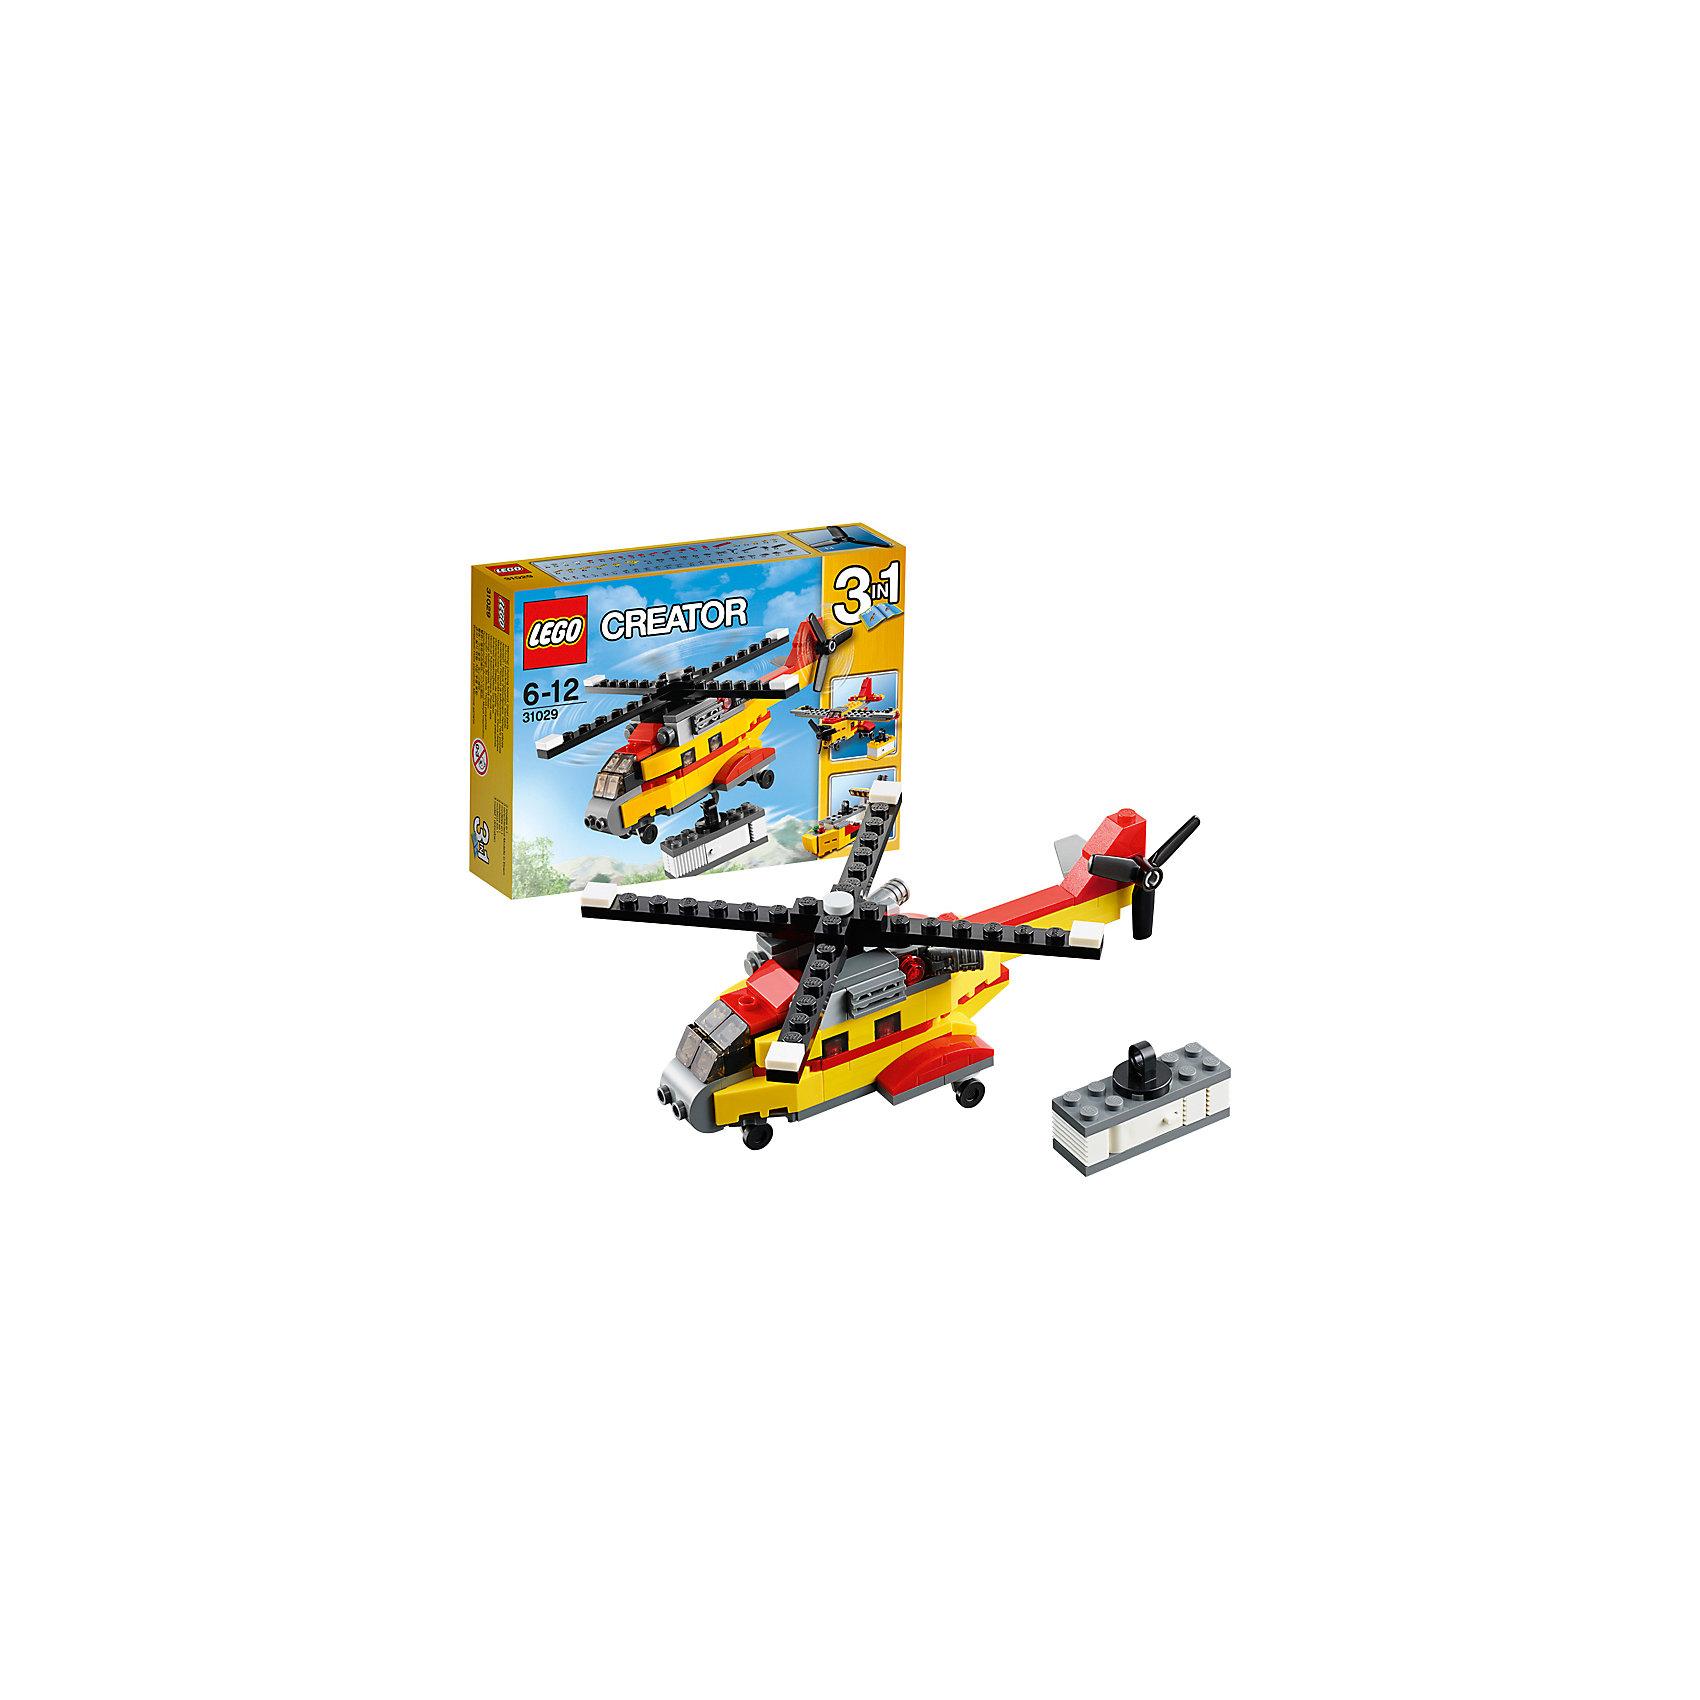 LEGO Creator 31029: Грузовой вертолетВ одной из самых популярных серий конструкторов новинка – LEGO Creator  (ЛЕГО Криэйтор) 31029: Грузовой вертолет. Набор можно перестроить в мощный танкер, а также транспортный самолет. Однако центральное место отведено большому грузовому вертолету с 4х-лопастным винтом, двумя детально исполненными двигателями,  навигационными огнями, колесным шасси, крюком лебедки и грузовым контейнером с открывающимися дверцами. В носовой части располагается кабина пилота с тонированным ветровым стеклом. Набрав высоту, зависни в нужном положении, опусти крюк лебедки и осторожно подними грузовой контейнер. <br>С помощью конструкторов серии ЛЕГО Криэйтор малыш учится собственными руками создавать что-то новое, познает устройство окружающей действительности, развивает мышление и творческие навыки. Особенность этой серии в том, что у одного набора существует 3 готовых варианта сборки. Но также ребенок может проявлять собственную фантазию и собирать то, что ему захочется. В серию входят стандартные кубики, из которых можно собрать дома, автомобили и многое другое. Все выпускаемые конструкторы ЛЕГО Криэйтор  взаимозаменяемы, поэтому детали от любого набора прекрасно подойдут к уже имеющемуся конструктору.<br><br>Дополнительная информация:<br>-Количество деталей: 132 шт.<br>-Размер упаковки: 19,1x14,1x4,6 см<br>-Размер вертолета: 6 х 17 х 13 см<br>-Размер самолета: 6 х 11 х 14 см<br>-Размер танкера: 5 х 12 х 4 см<br>-Вес: 0,21 кг<br>-Материал: пластик<br>-Весь набор упакован в фирменную картонную коробку ЛЕГО<br><br>LEGO Creator (ЛЕГО Криэйтор) 31029: Грузовой вертолет можно купить в нашем магазине.<br><br>Ширина мм: 194<br>Глубина мм: 142<br>Высота мм: 50<br>Вес г: 182<br>Возраст от месяцев: 72<br>Возраст до месяцев: 144<br>Пол: Мужской<br>Возраст: Детский<br>SKU: 3786109